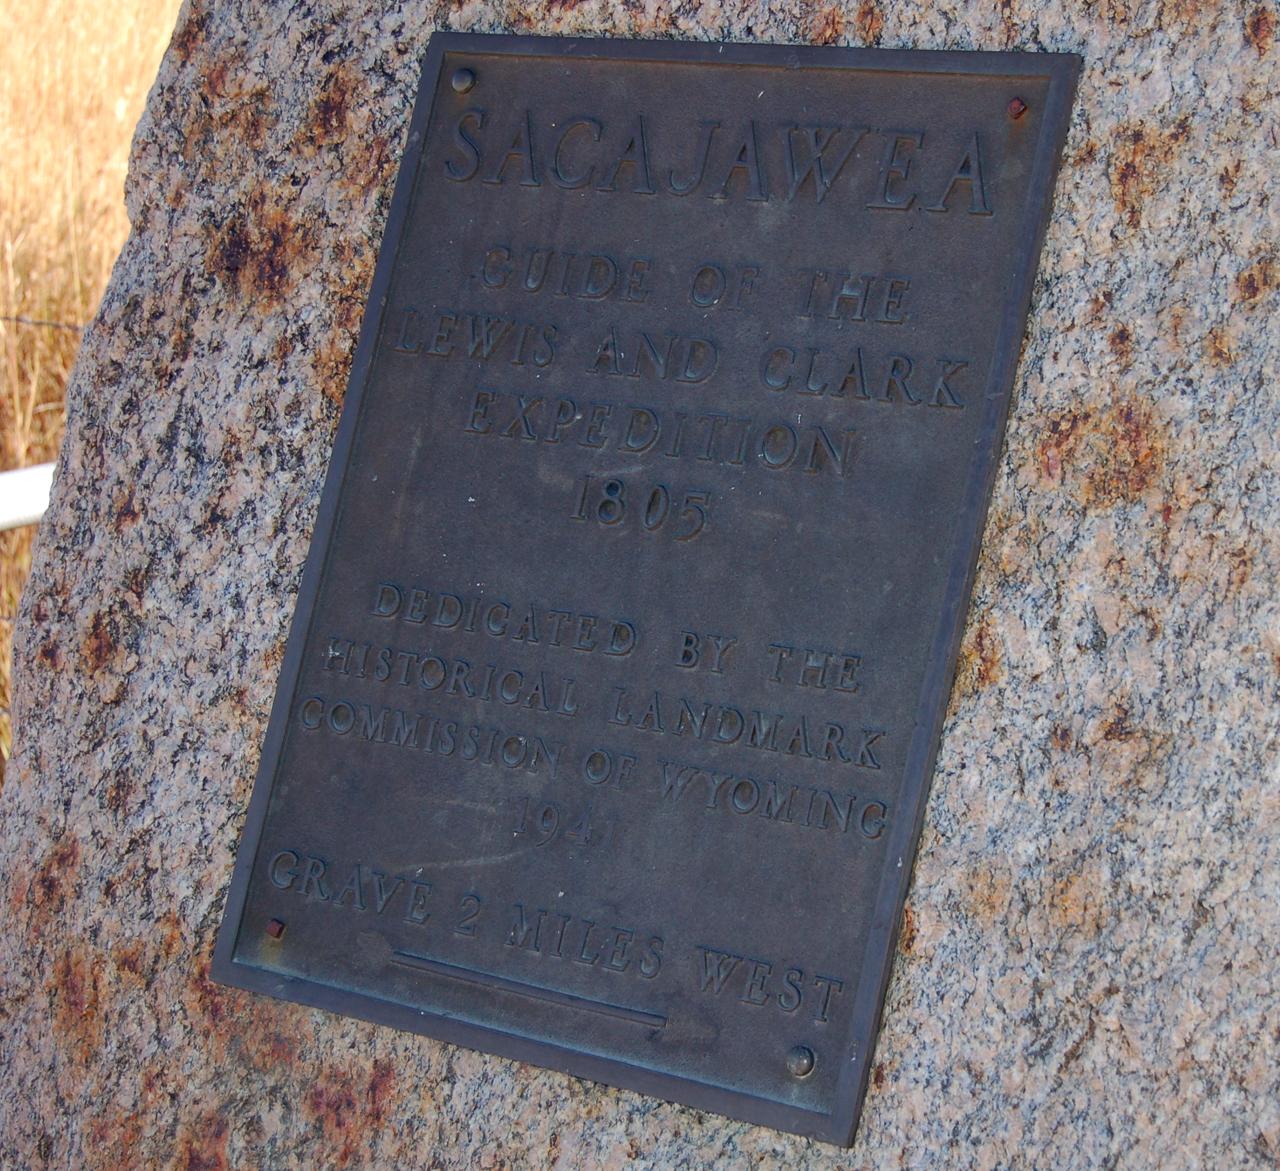 Sacahawea's grave, 2 miles